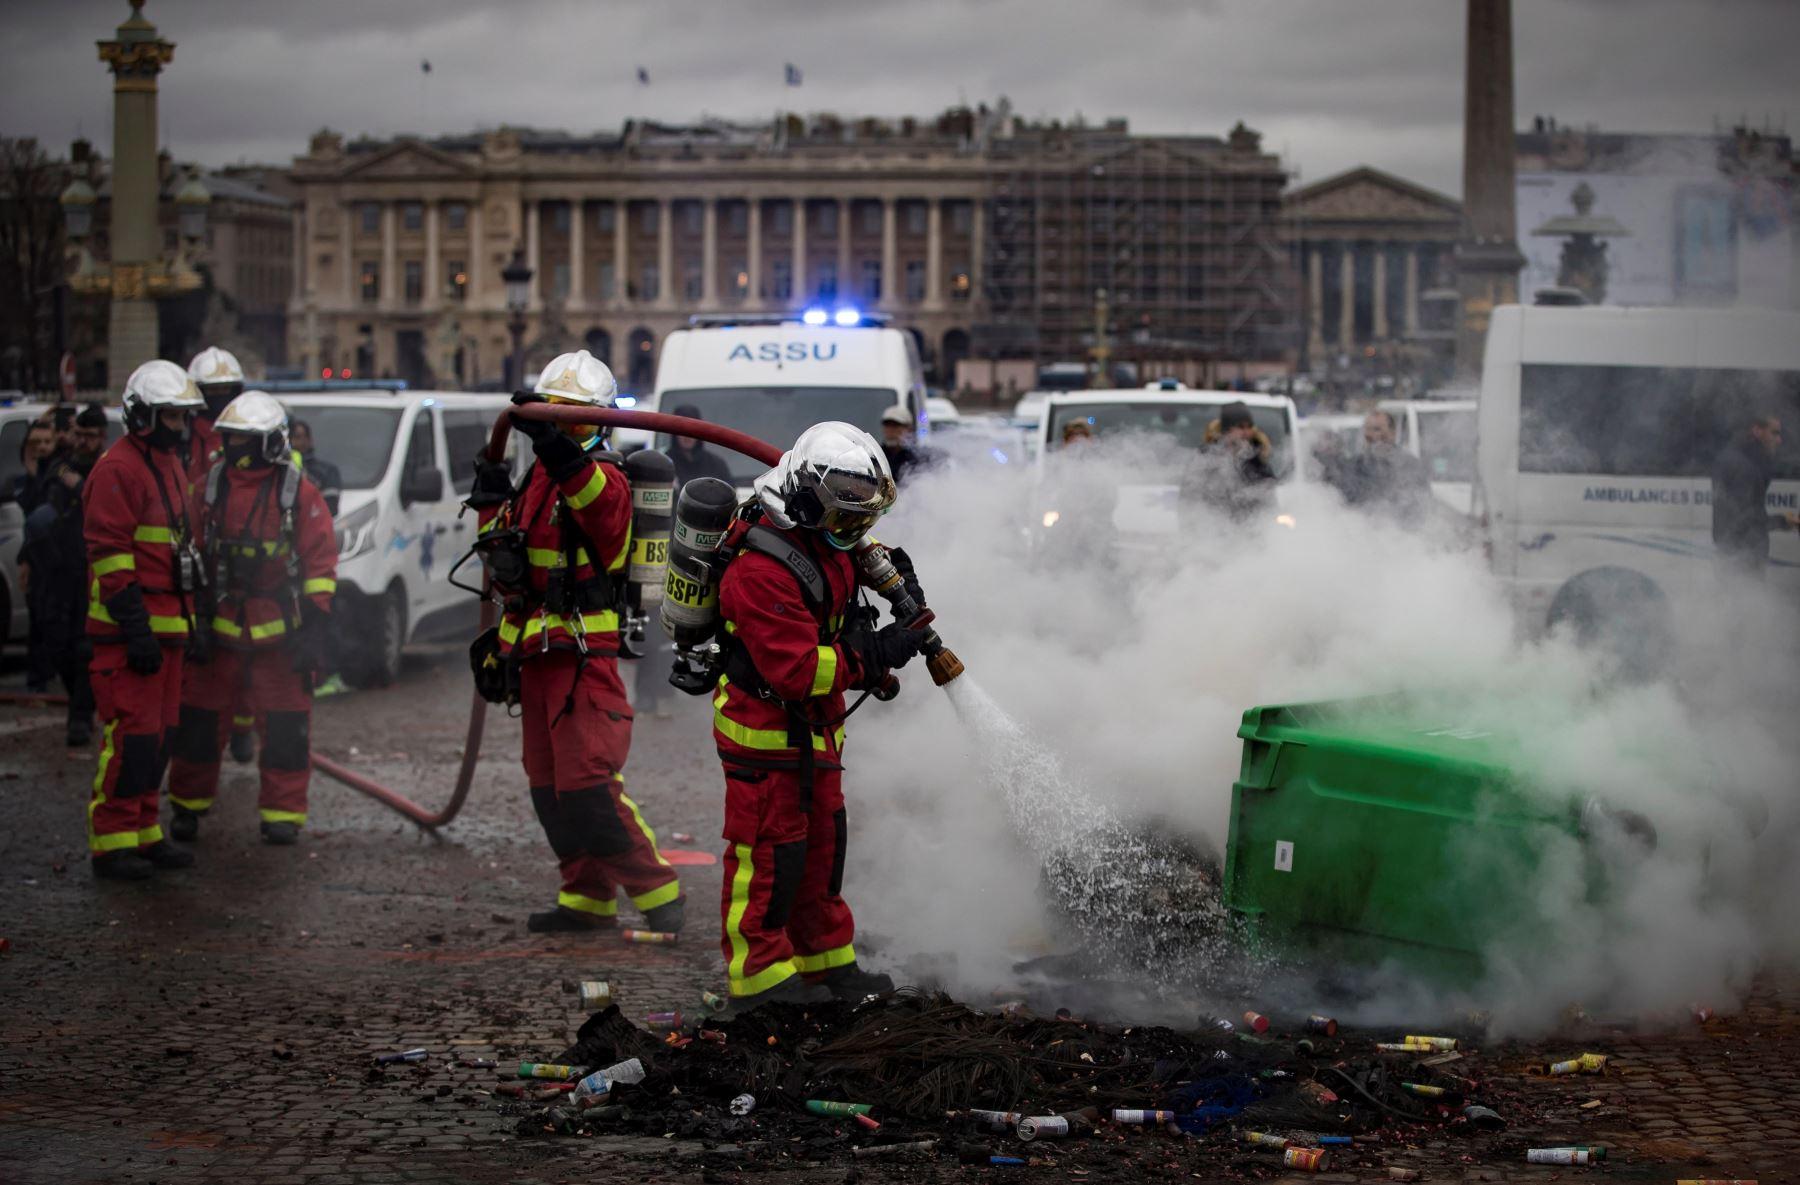 Bomberos apagan un fuego iniciado por conductores de ambulancias que participan en una protesta ante la Asamblea Nacional, en ParÌs, Francia. Los manifestantes bloquearon el tráfico junto a la Asamblea Nacional para exigir la suspensión de una reforma del sistema de financiación de los transportes sanitarios. EFE/